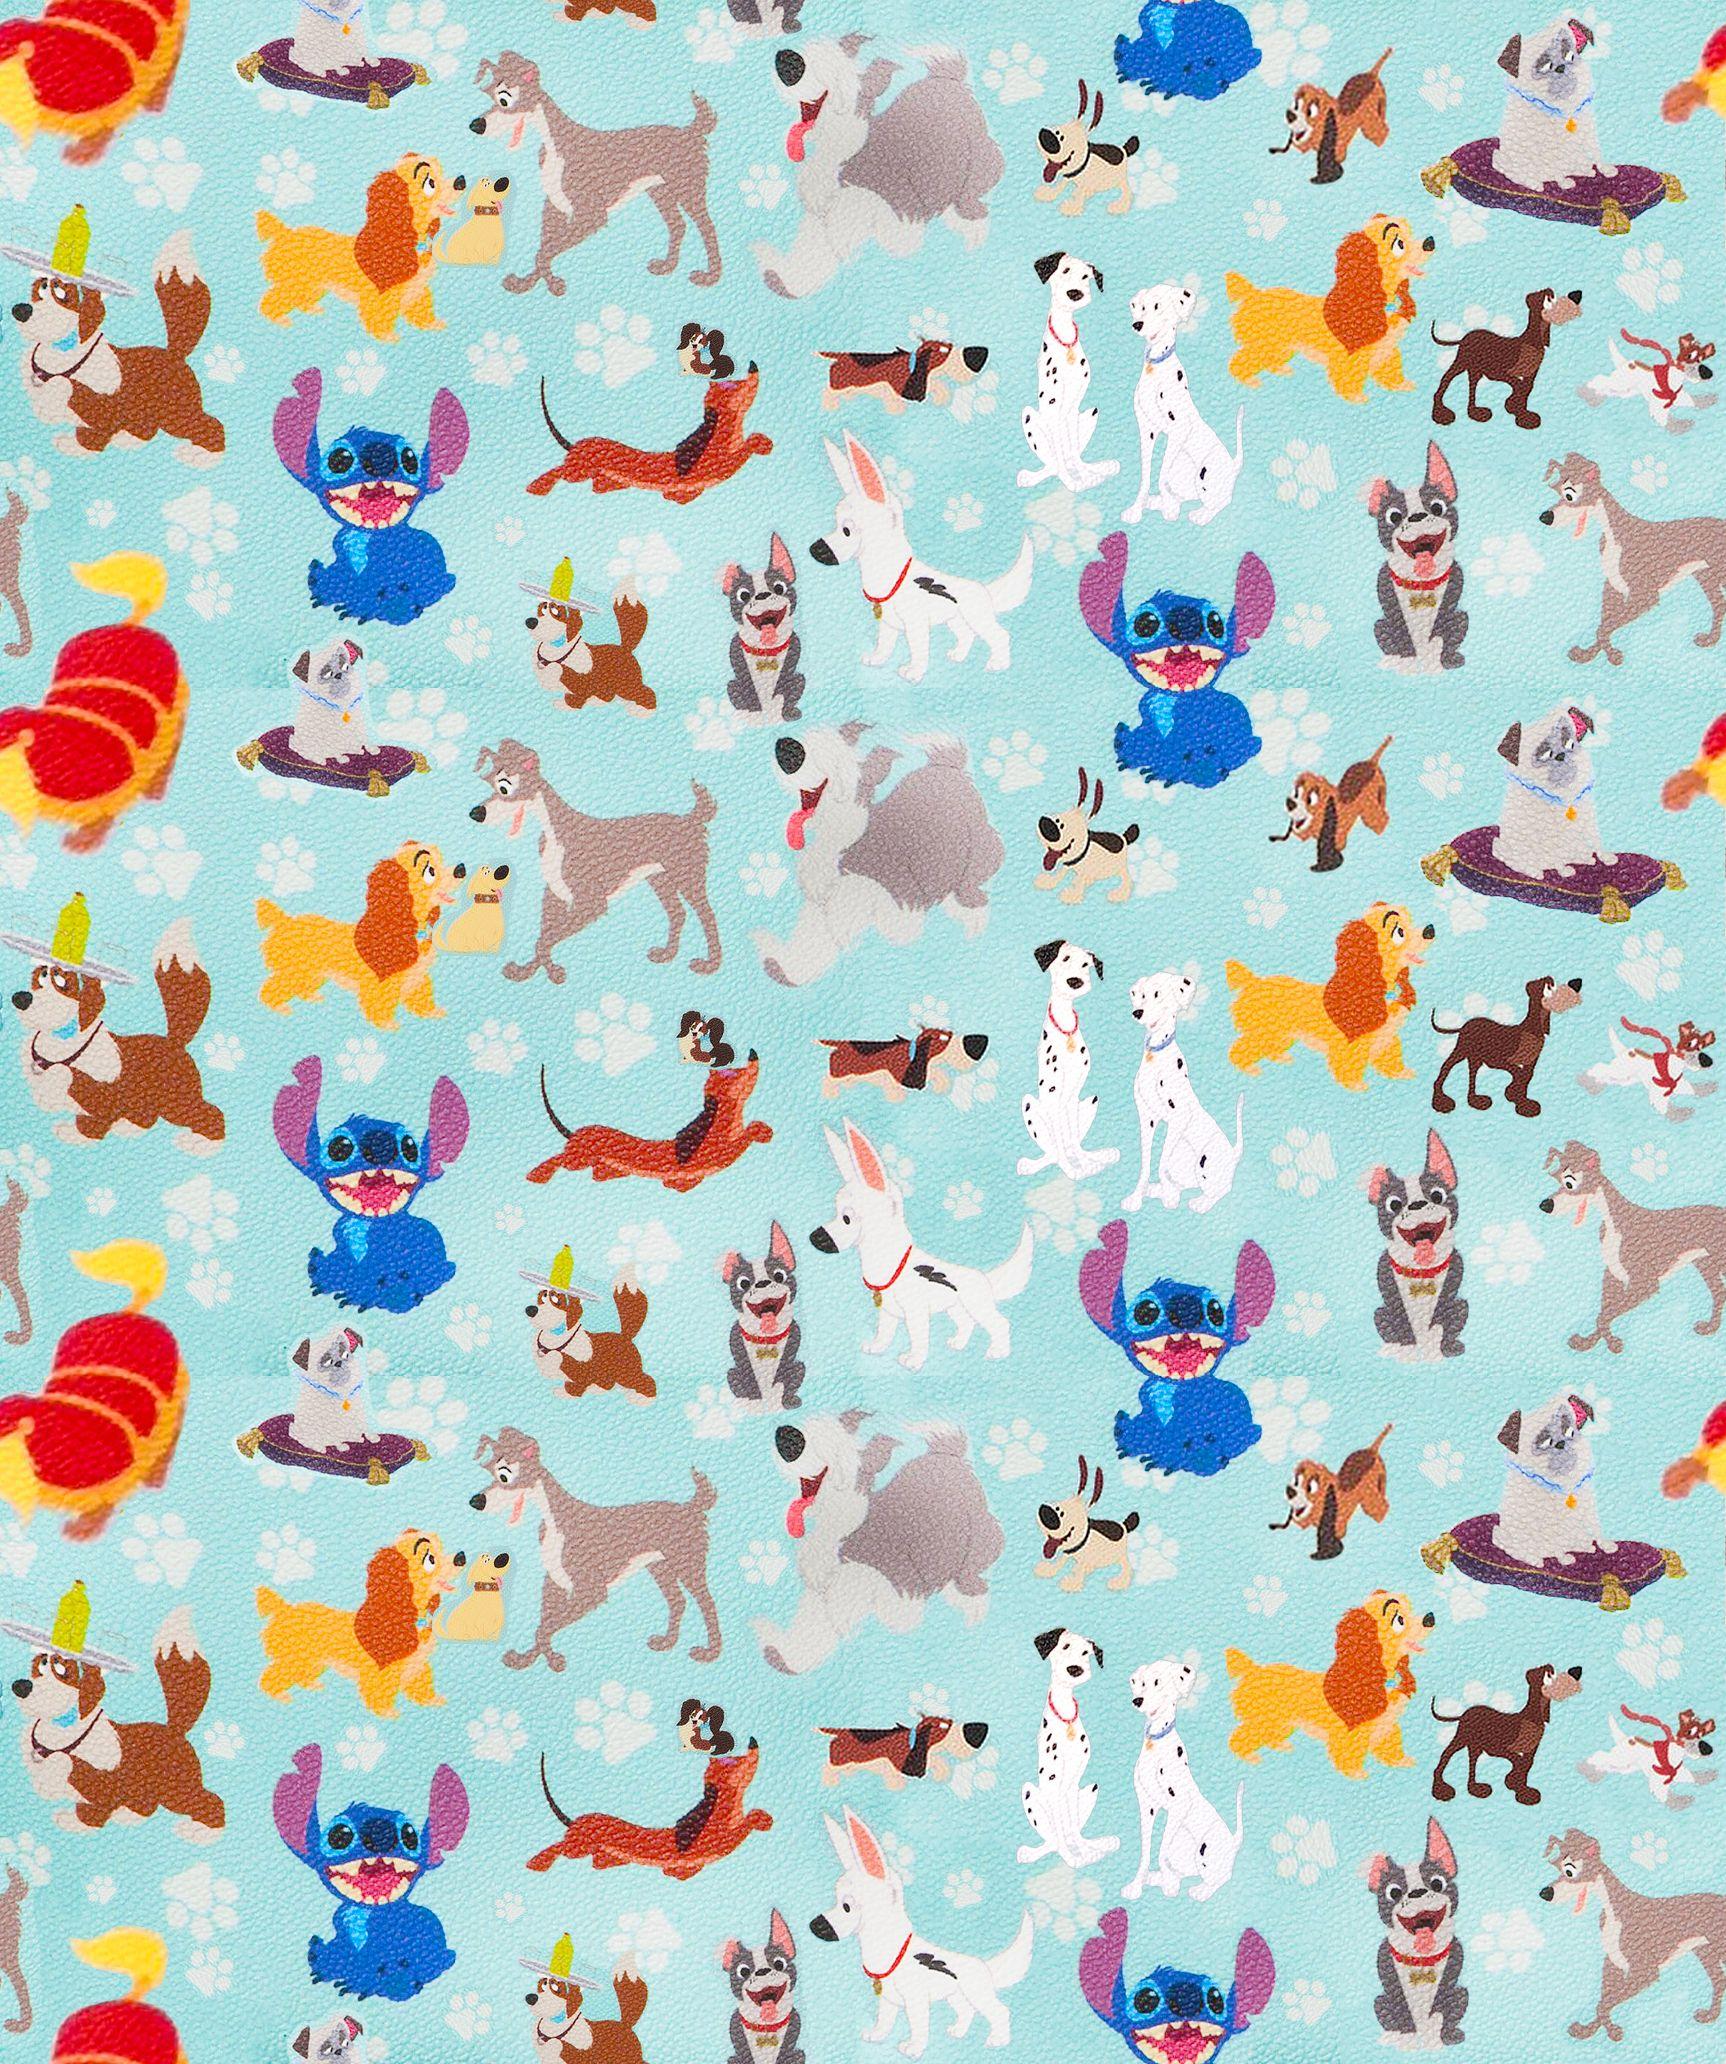 Disney Dooney Dogs Wallpaper Disney Background